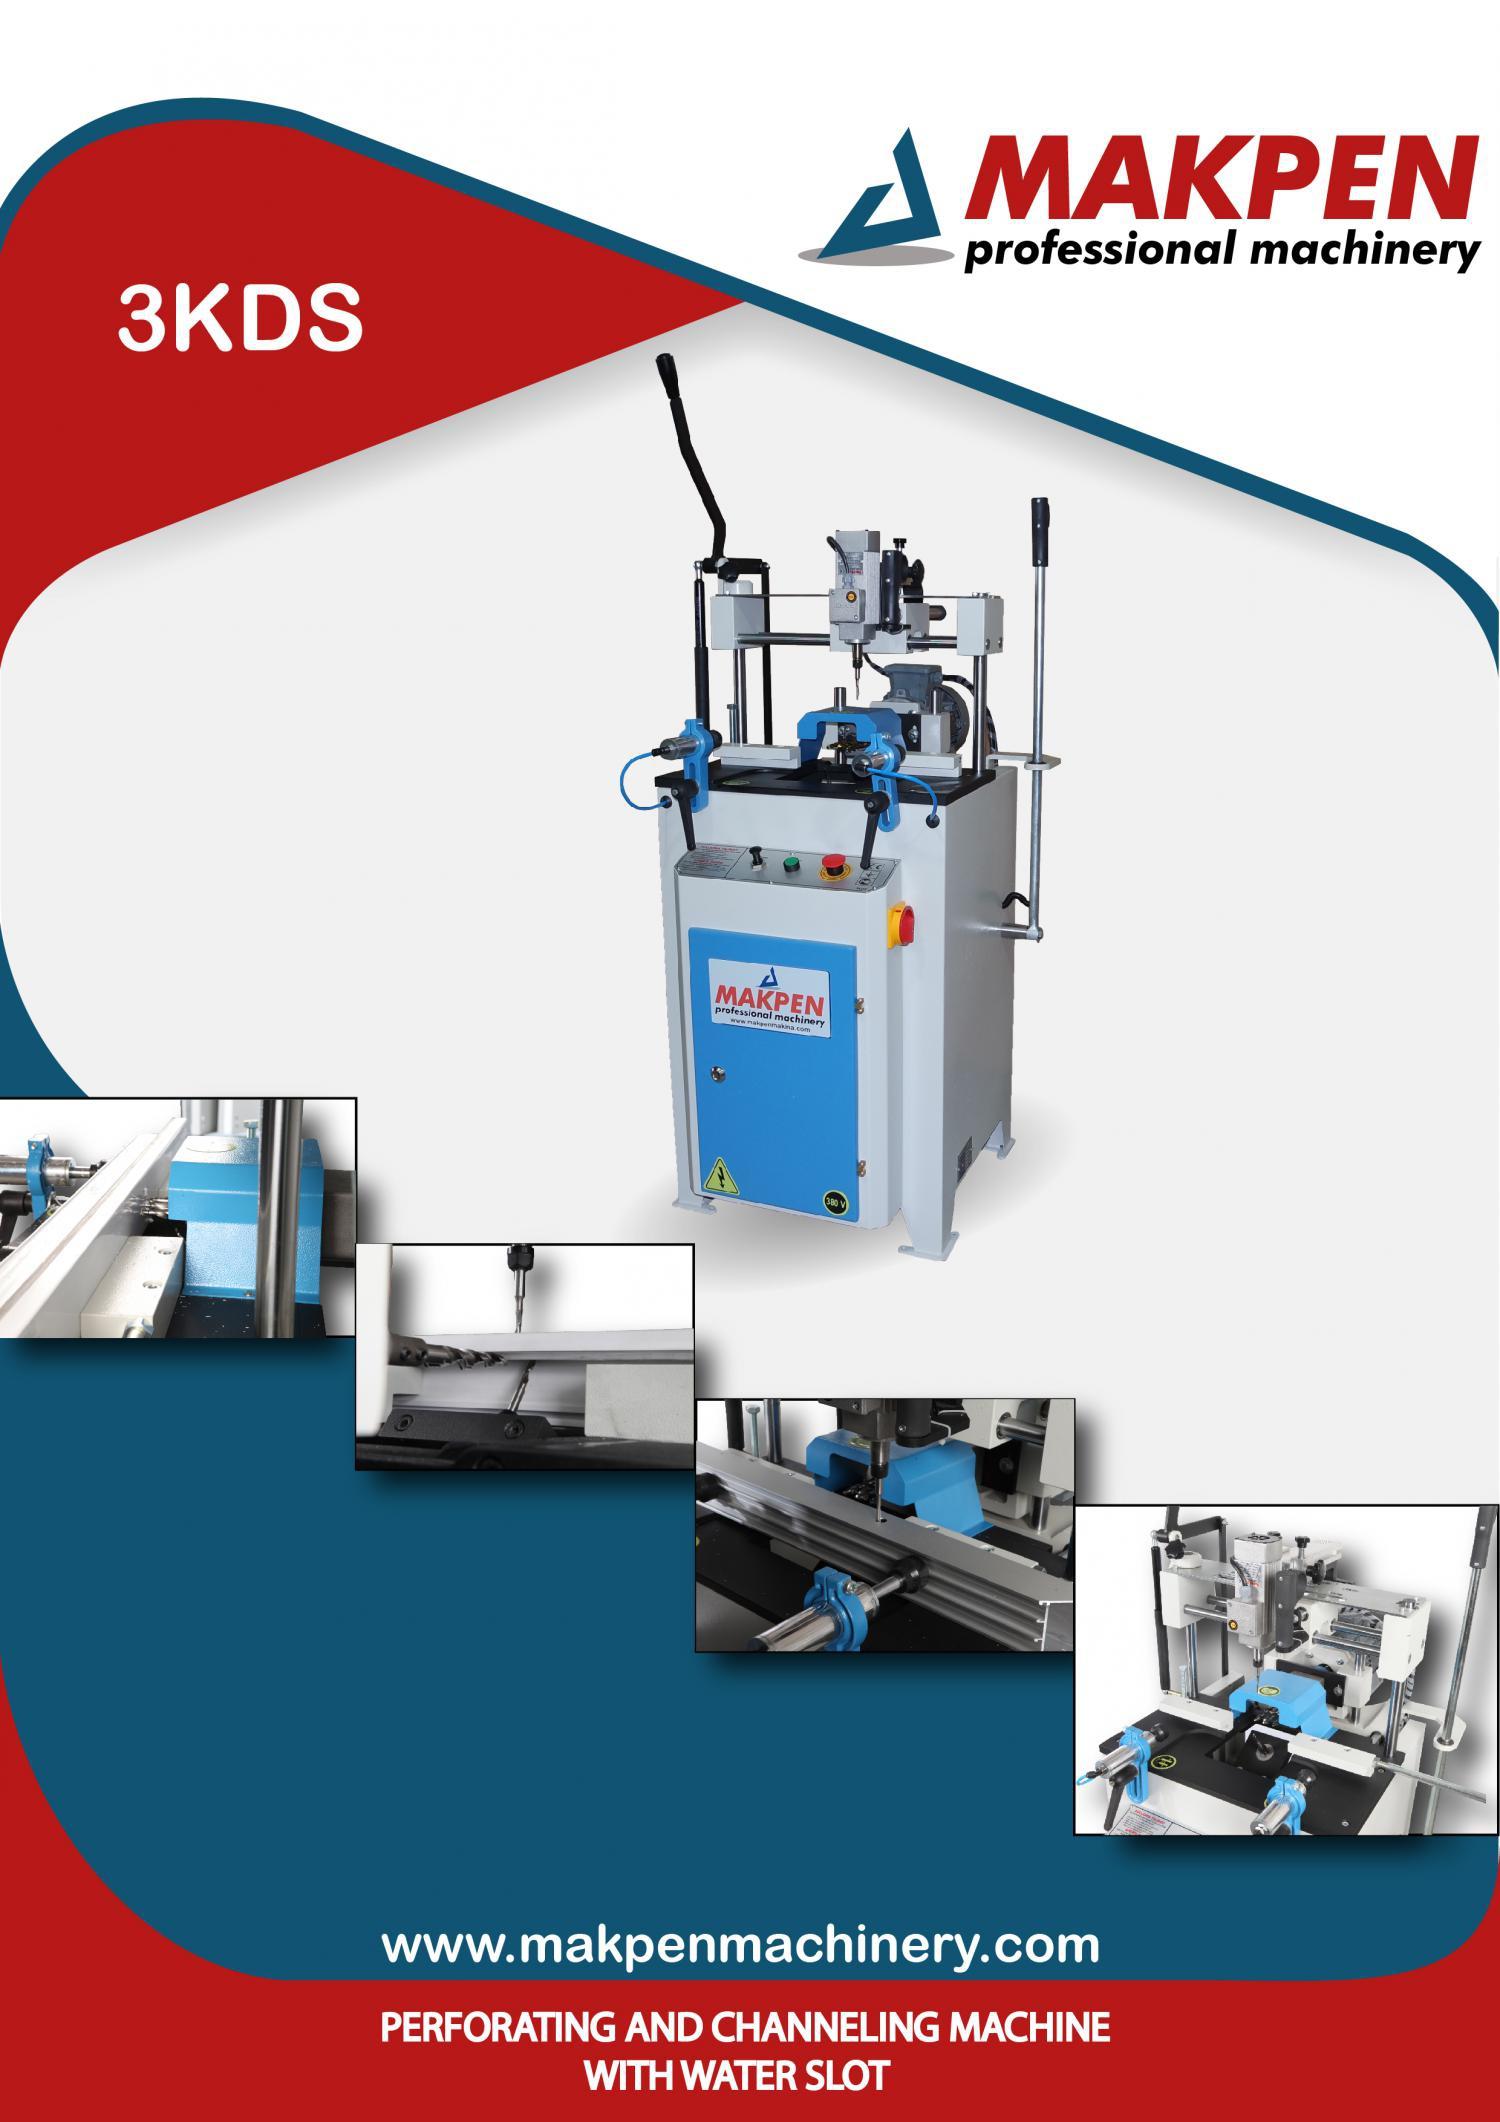 3KDS - Копировально- фрезерный станок для водоотвода отверстий под ручки и замки с тройным сверлением